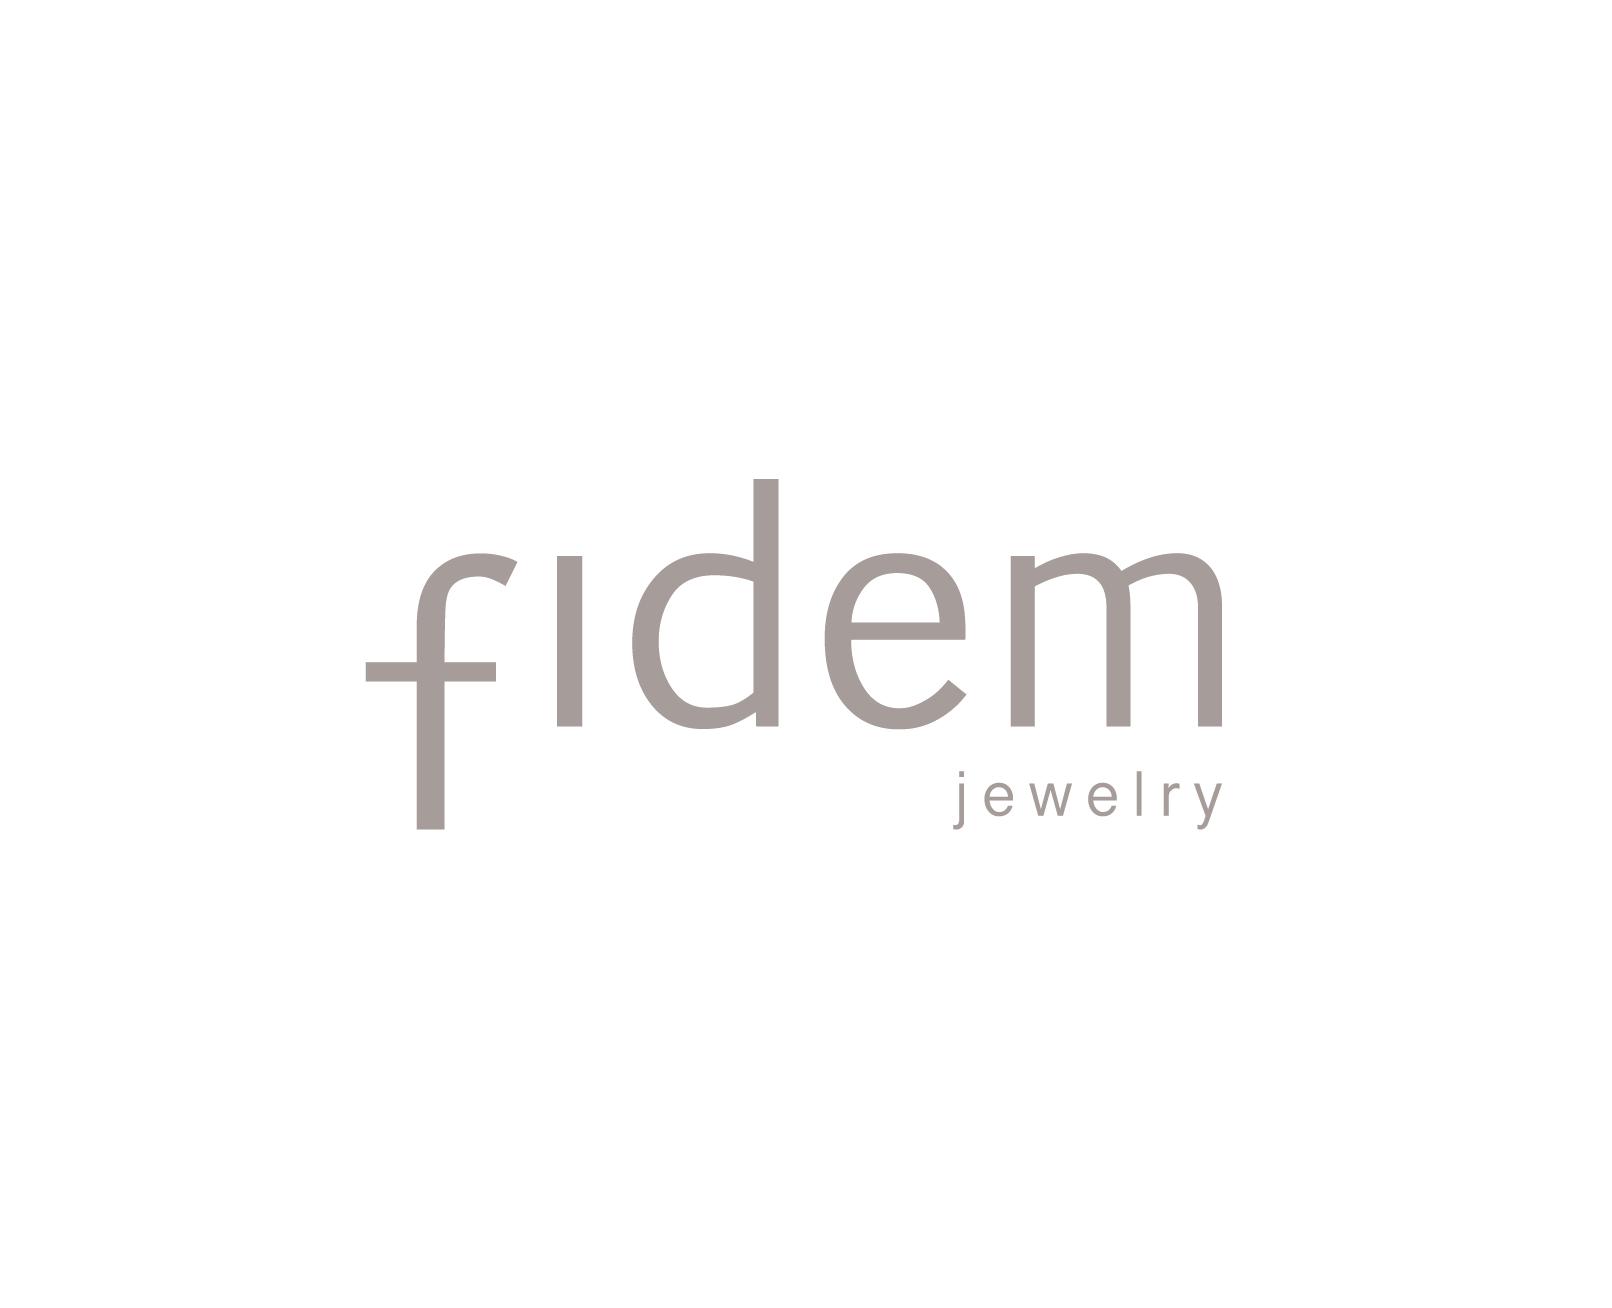 Fidem Jewelry